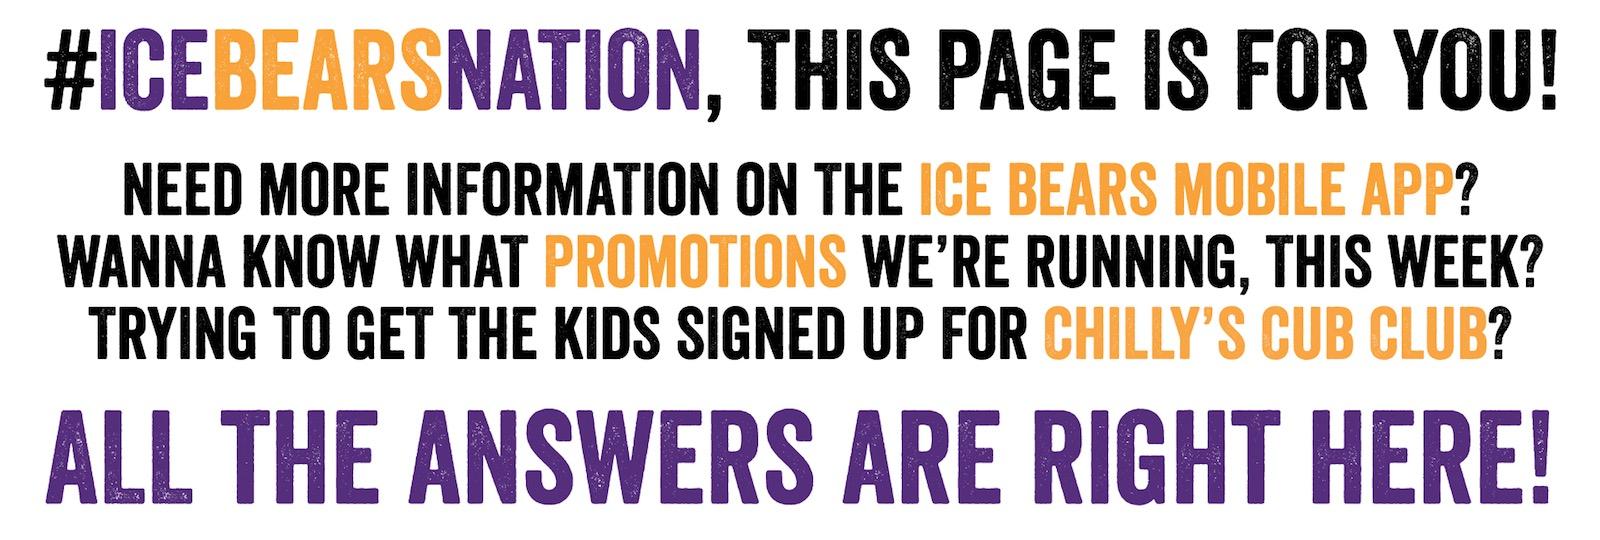 Fan-Zone-Knoxville-Ice-Bears-2